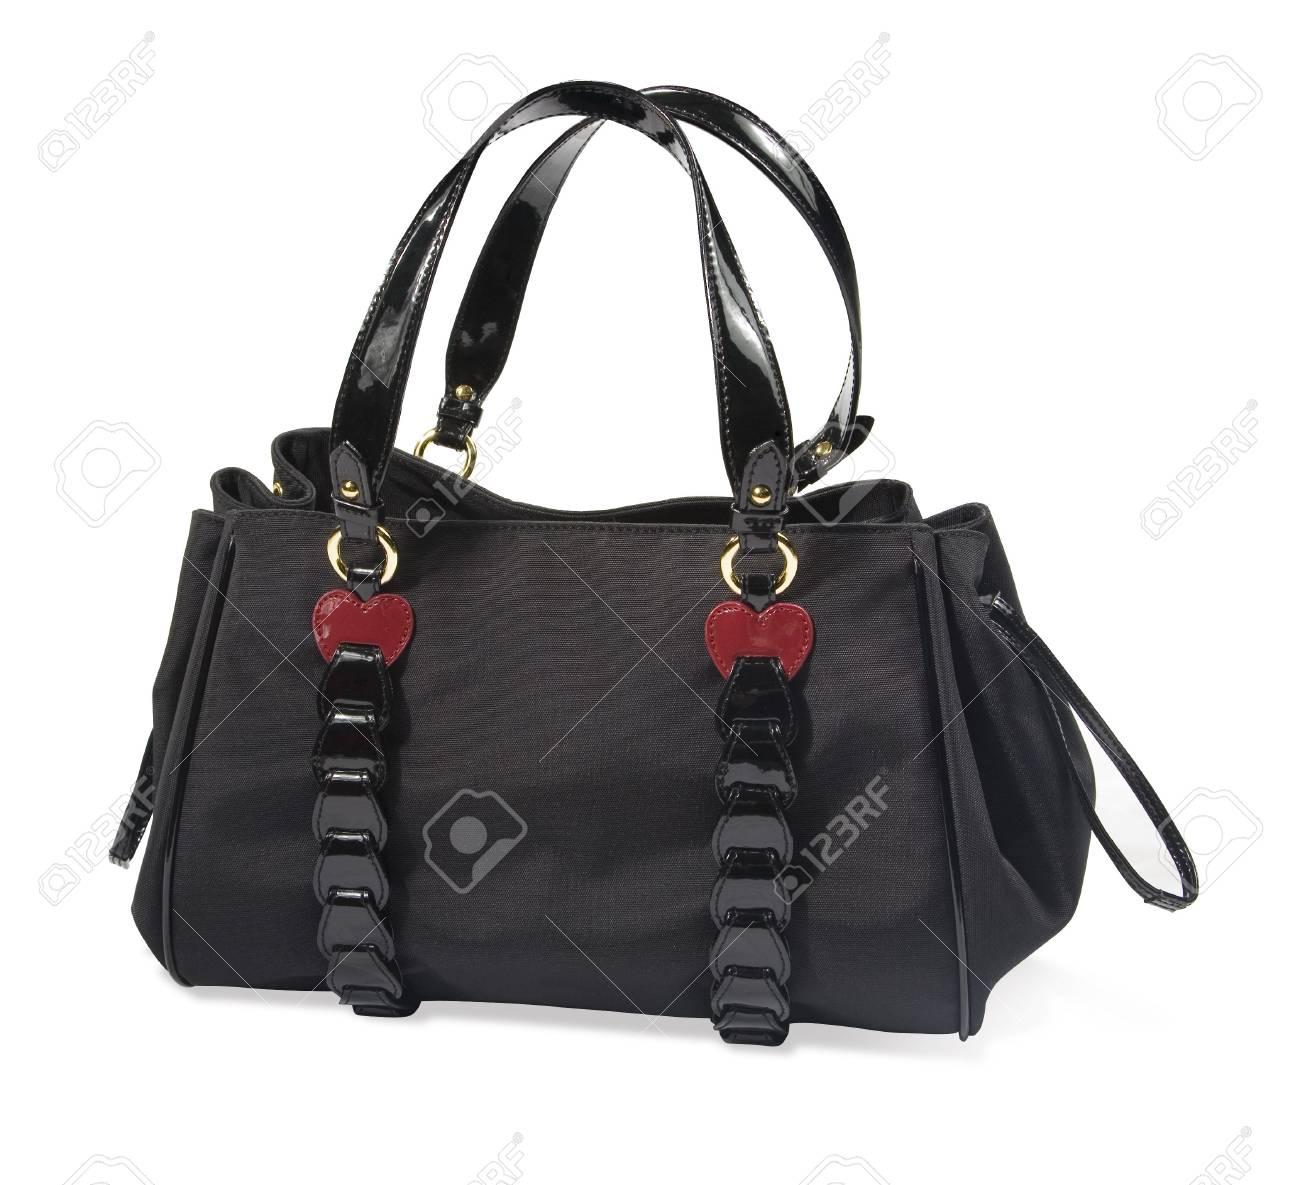 Black women handbag isolated on white background Stock Photo - 4668012